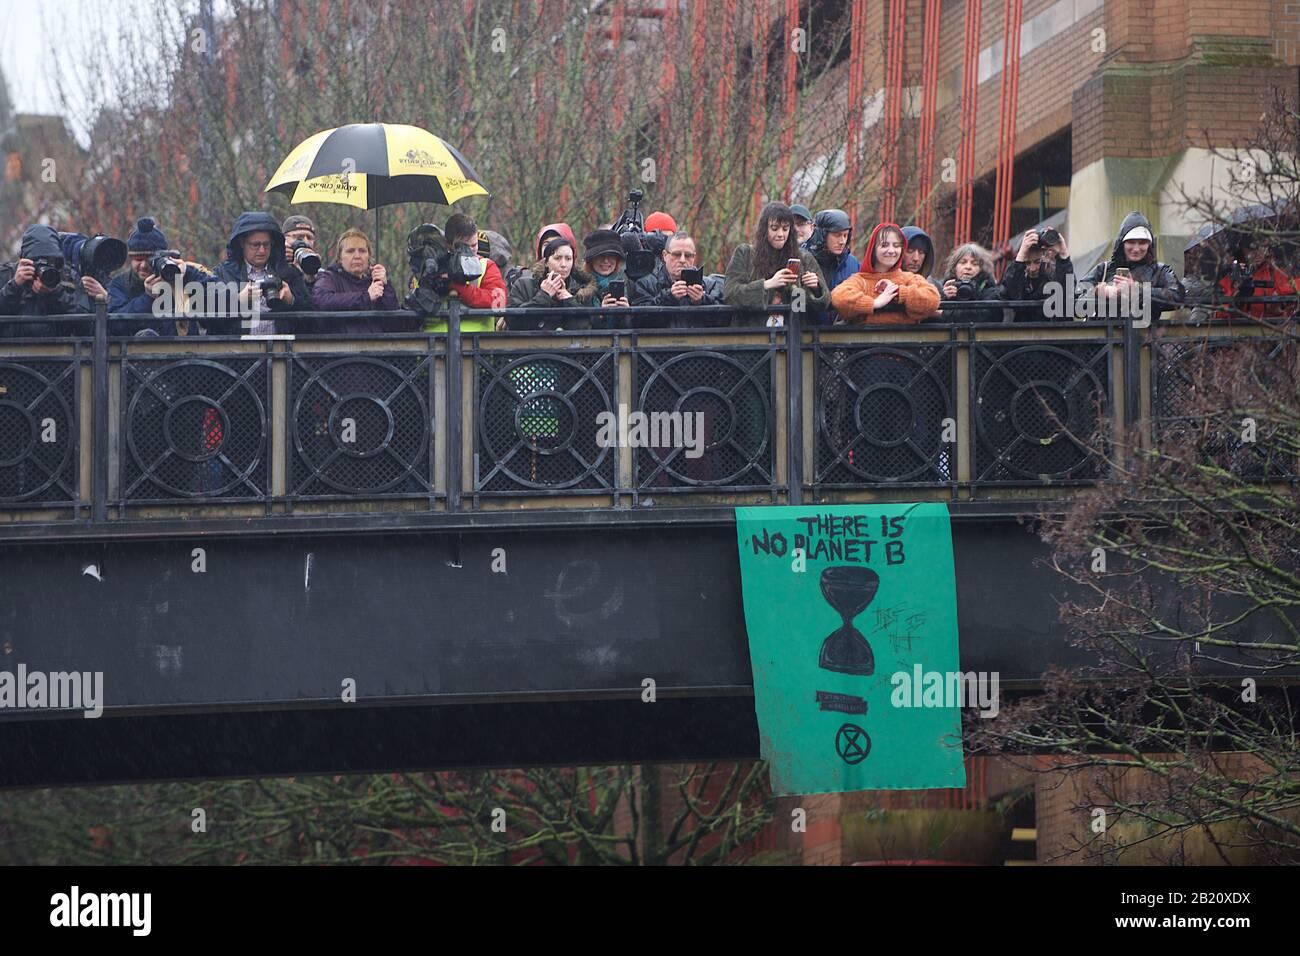 Bristol, Großbritannien. Februar 2020. Greta Thunberg besucht mit über 30.000 anderen Menschen den Schulstreik in Bristol. Der Schulstreik für das Klima, AKA Fridays for Future, Youth for Climate und Youth Strike 4 Climate, ist eine internationale Bewegung von Schulschülern, die sich von der Klasse Zeit nehmen, an Demonstrationen teilzunehmen, um Maßnahmen zur Bewältigung der Klima- und Ökologischen Notfallkredite zu fordern: Gareth Morris/Alamy Live News Stockfoto